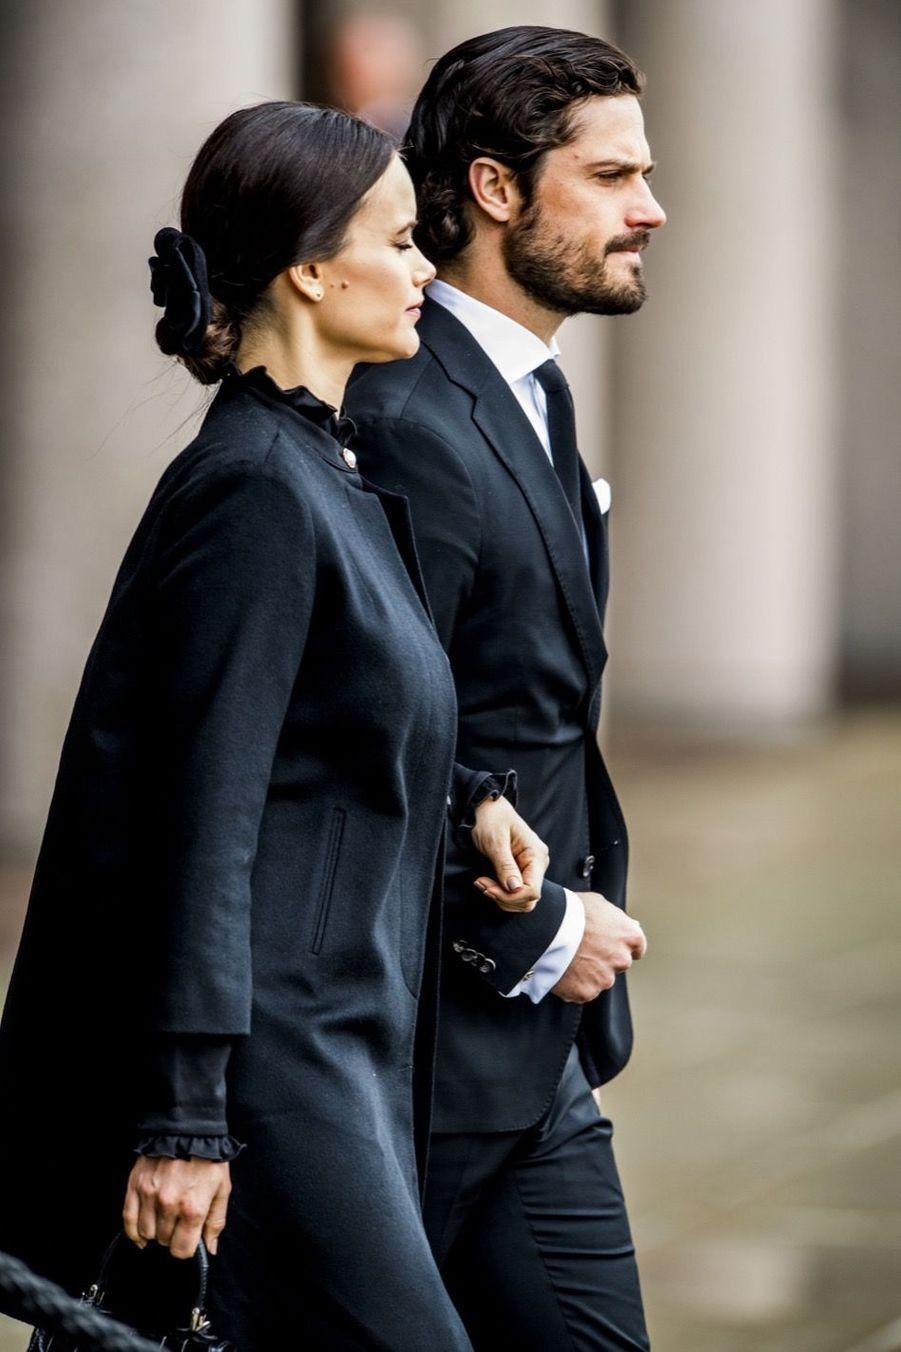 La Famille Royale De Suède Rend Hommage Aux Victimes De L'attentat De Stockholm 18